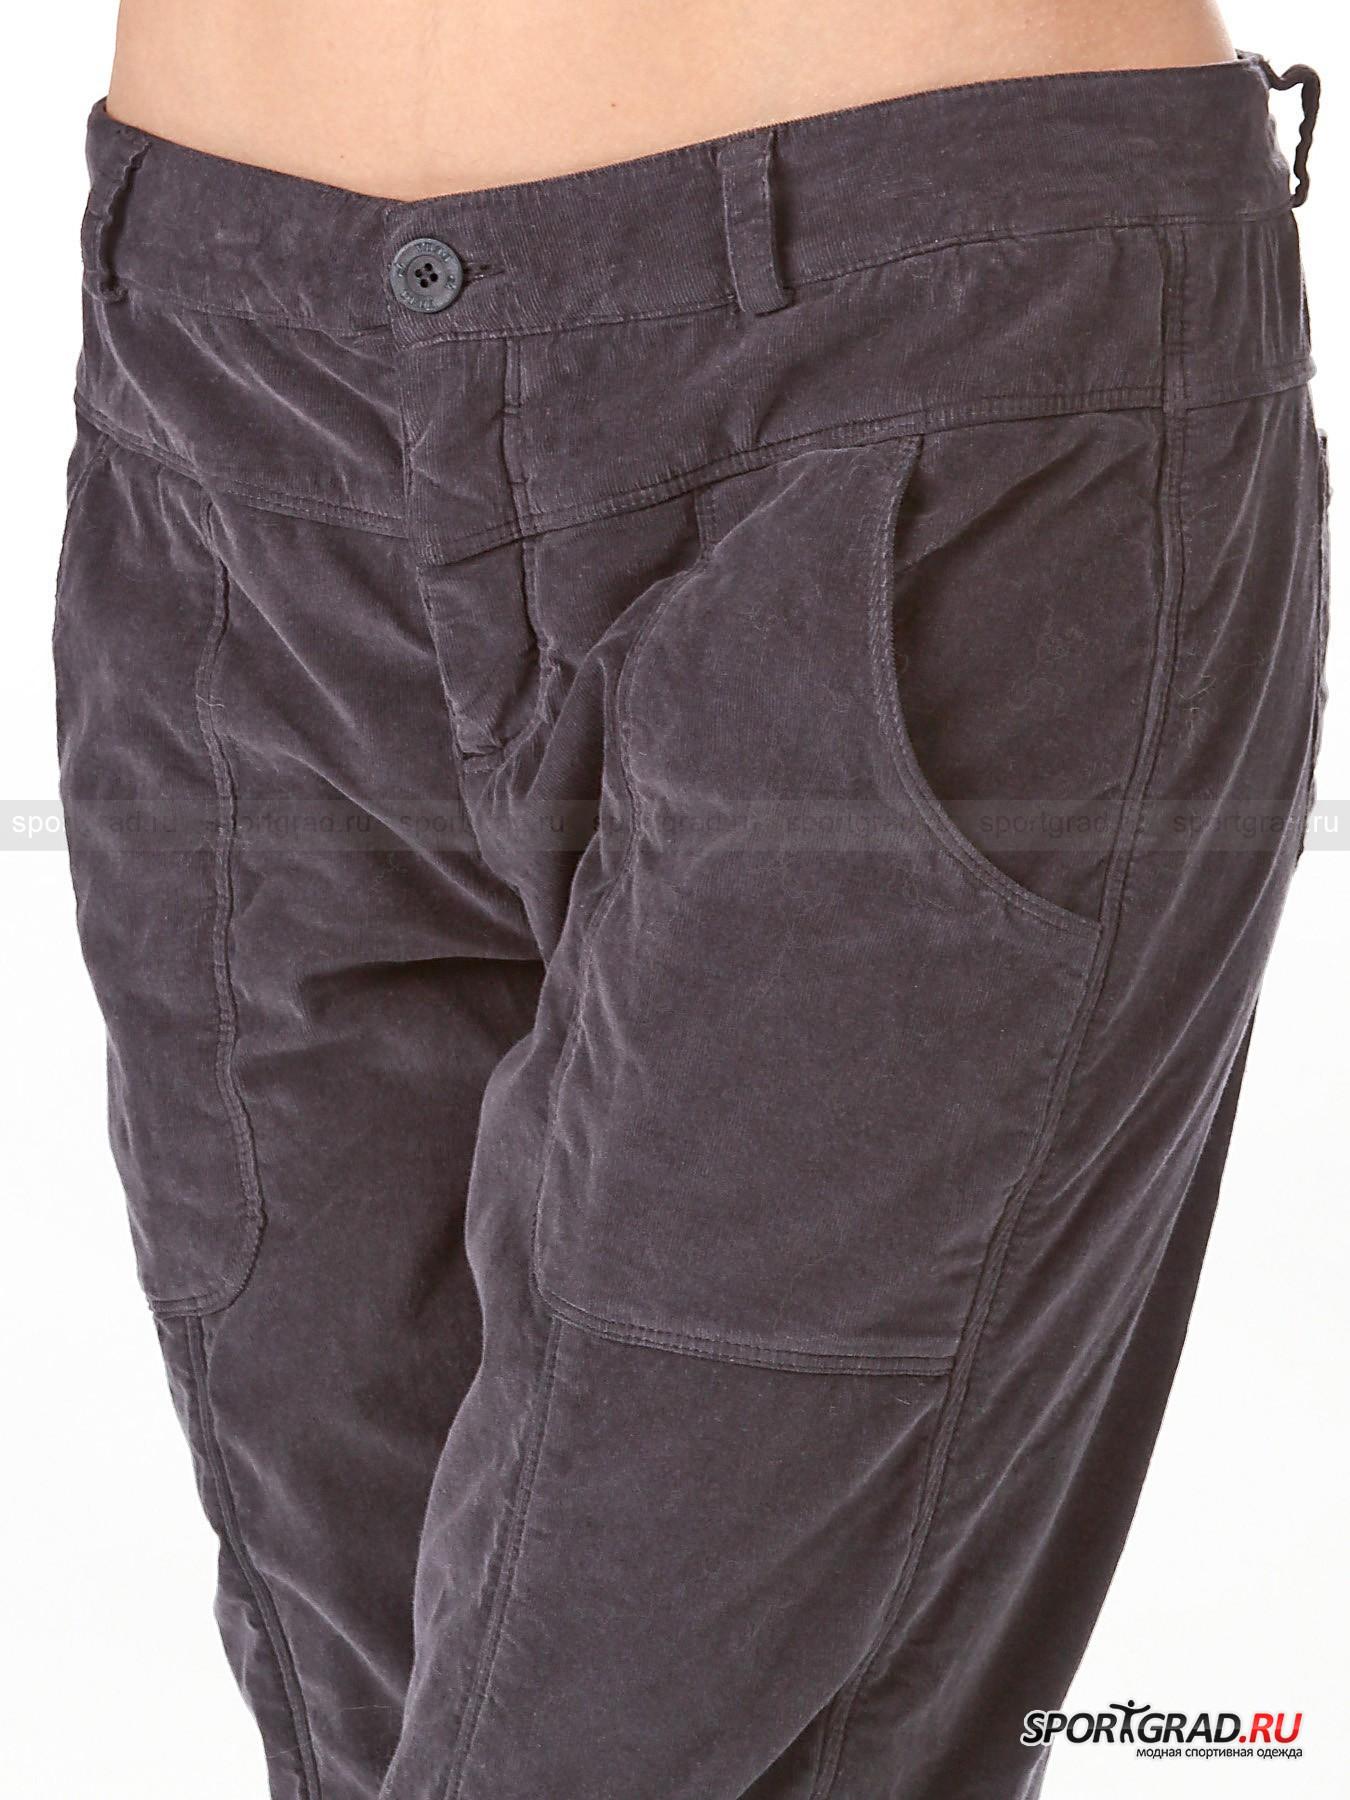 Брюки женские  Pants  DEHA от Спортград